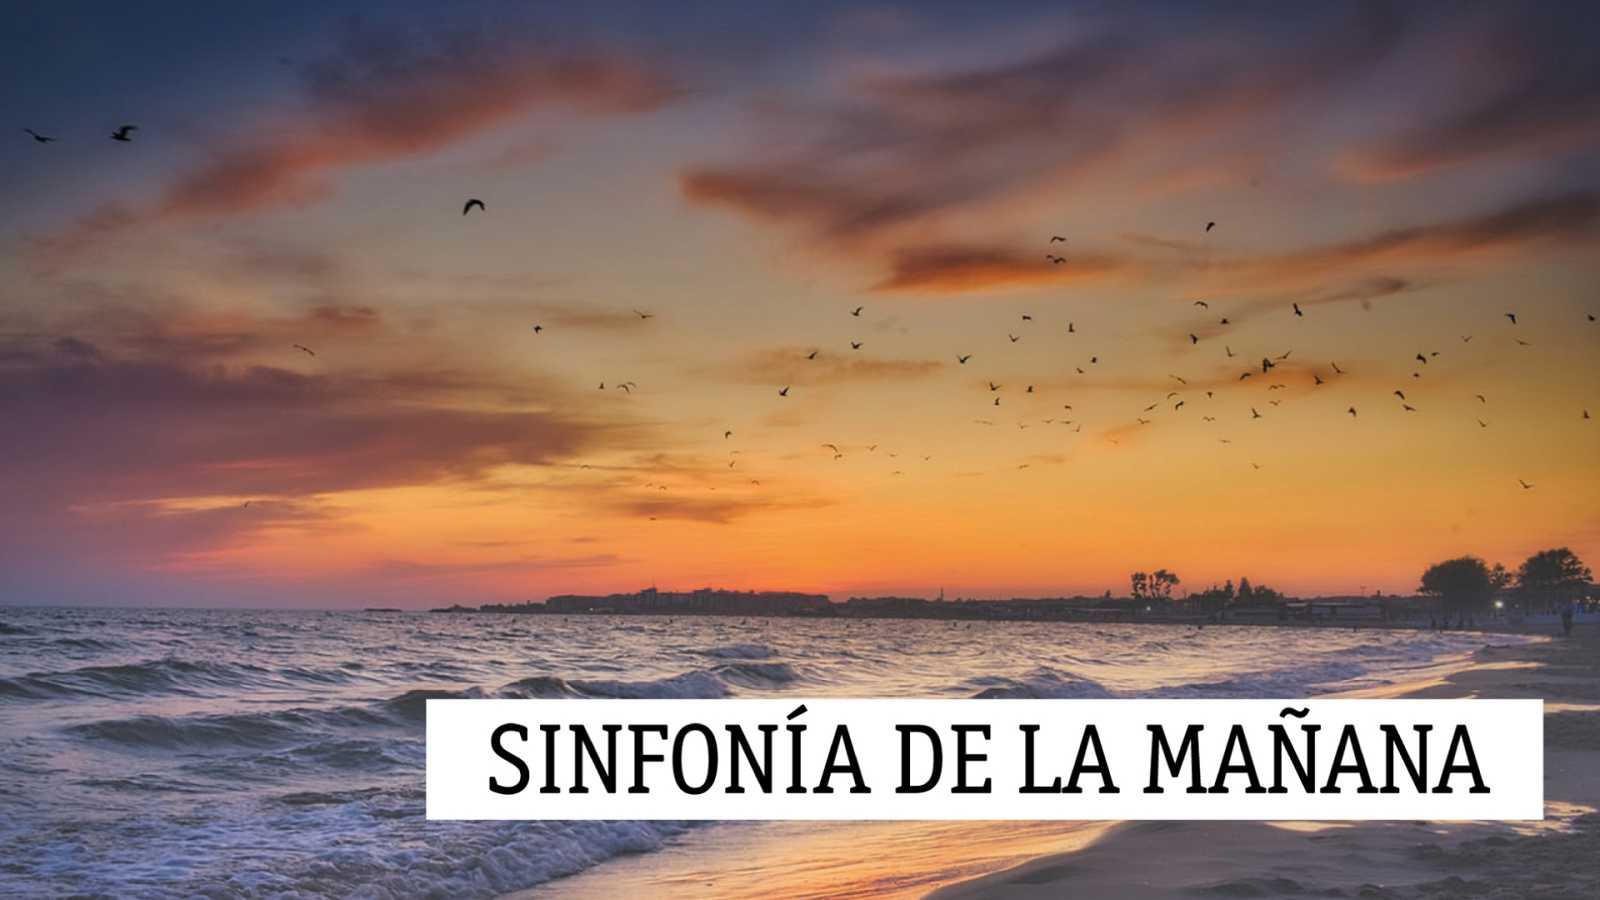 Sinfonía de la mañana - Sinfonía de campaña: J.S. Bach: retrato de un gran compositor - 02/06/20 - escuchar ahora